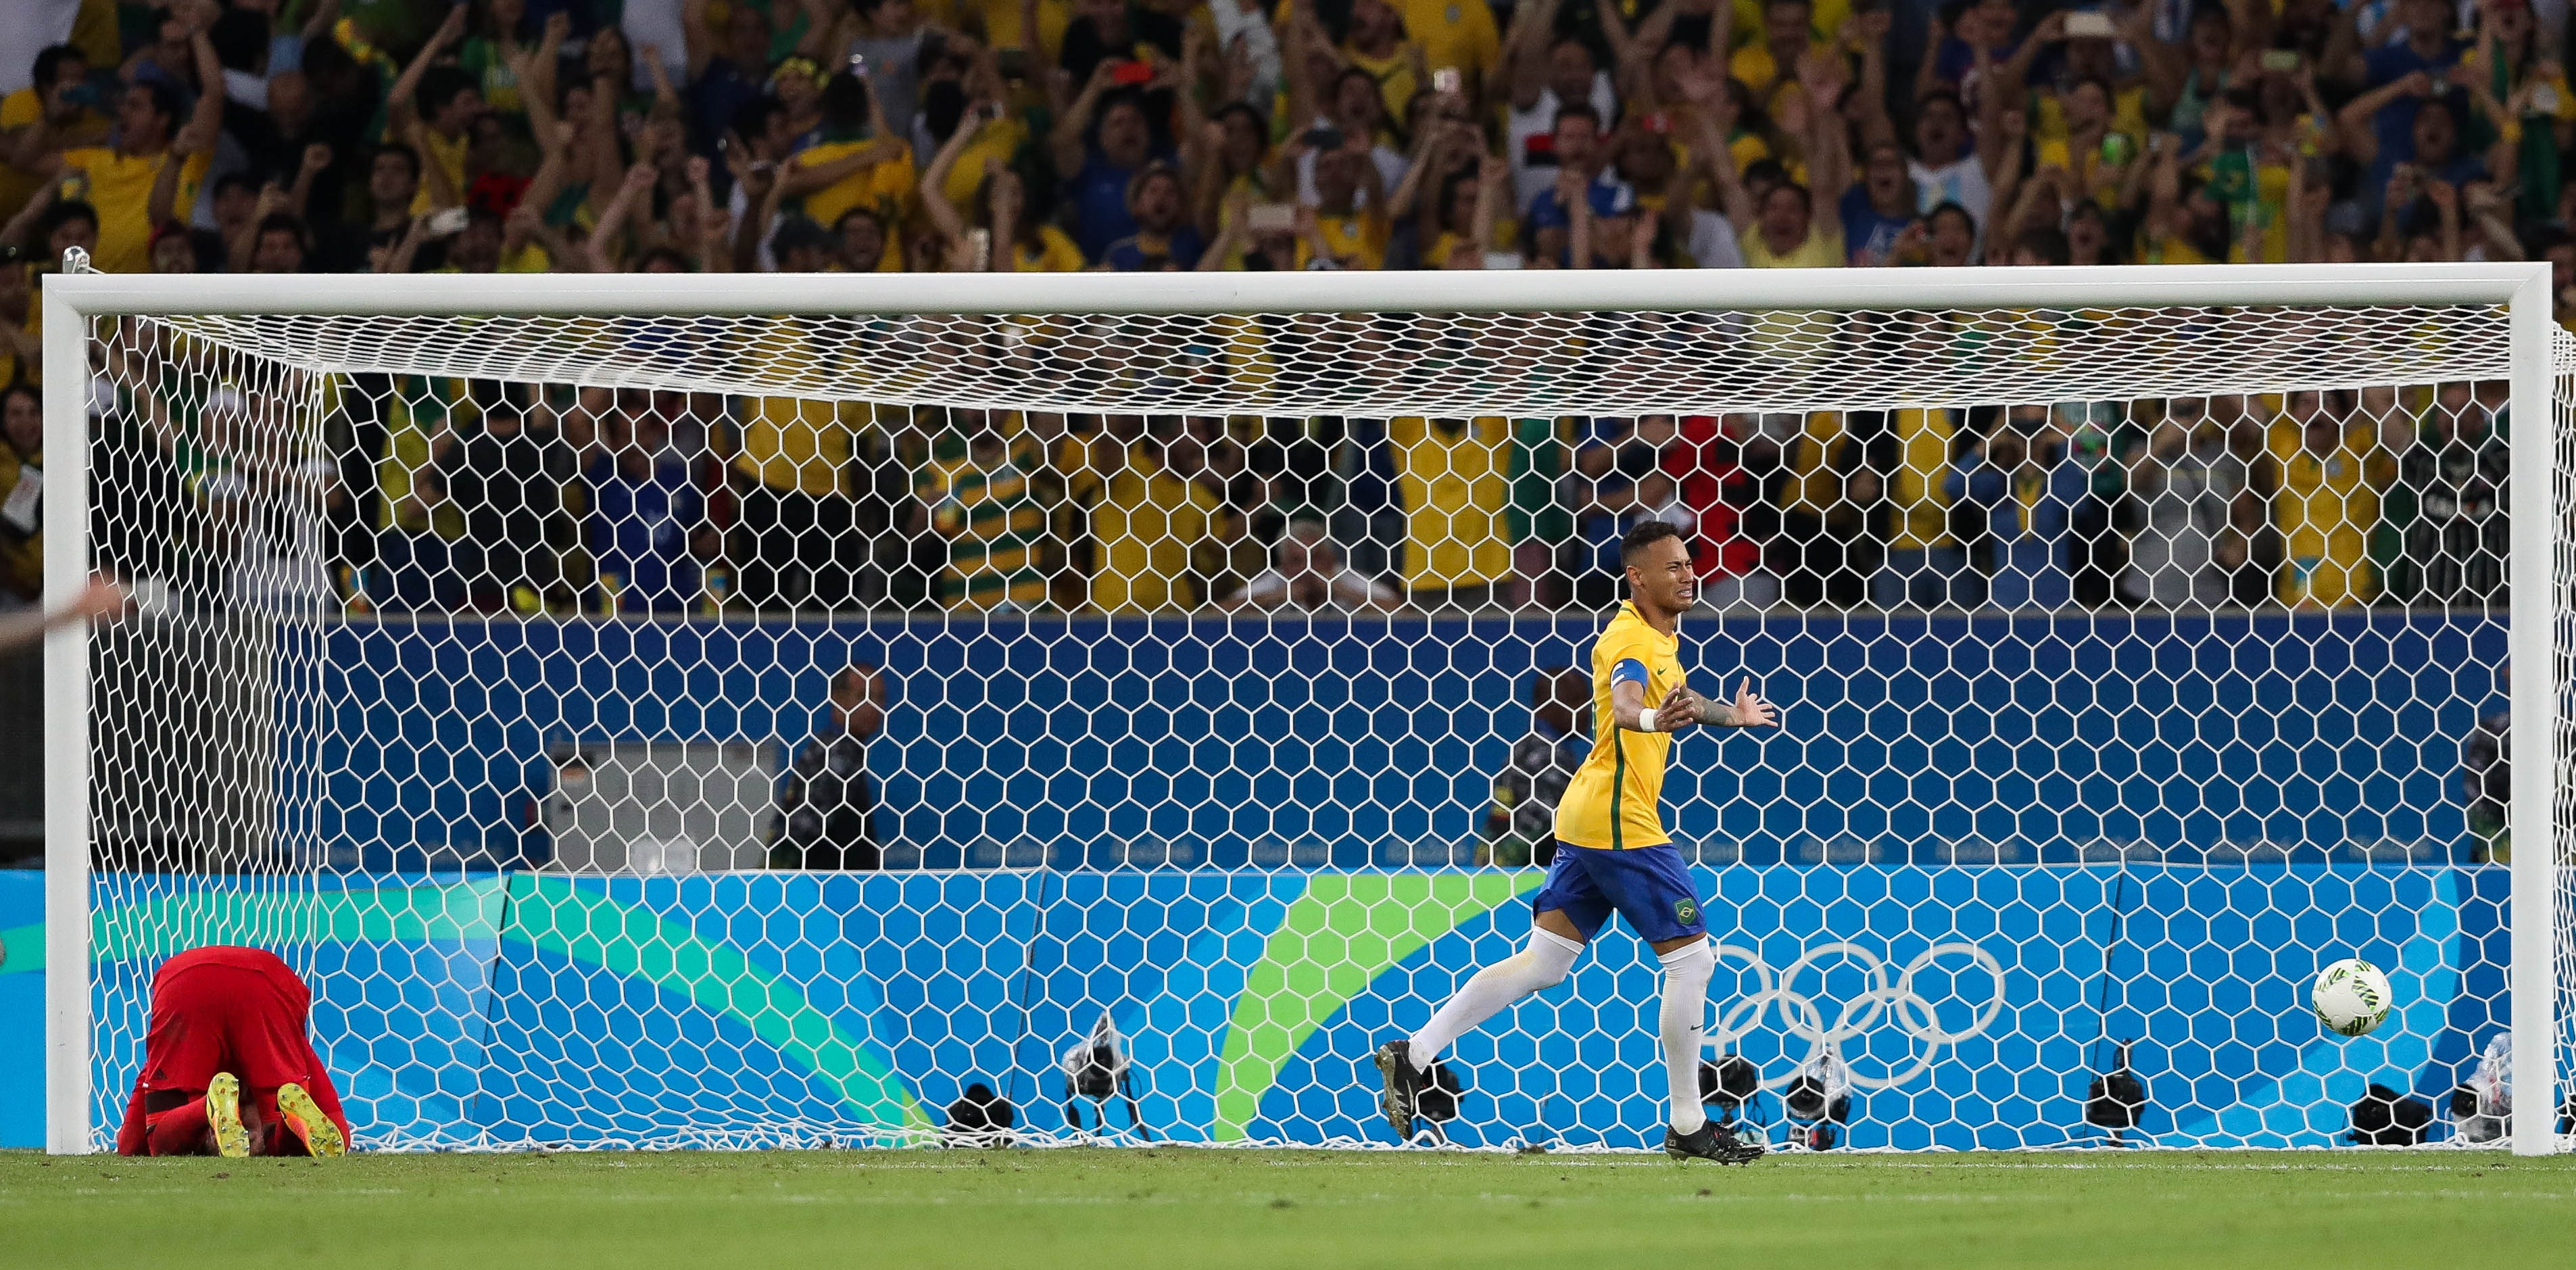 JJOO320. RÍO DE JANEIRO (BRASIL), 20/08/2016. Neymar Jr de Brasil celebra tras anotar ante Alemania, durante el juego por la medalla de oro de fútbol masculino de los Juegos Olímpicos Río 2016 hoy, sábado 20 de agosto de 2016, en el Estadio Maracaná de Río de Janeiro (Brasil). Brasil ganó en la definición por penaltis. EFE/FERNANDO BIZERRA JR